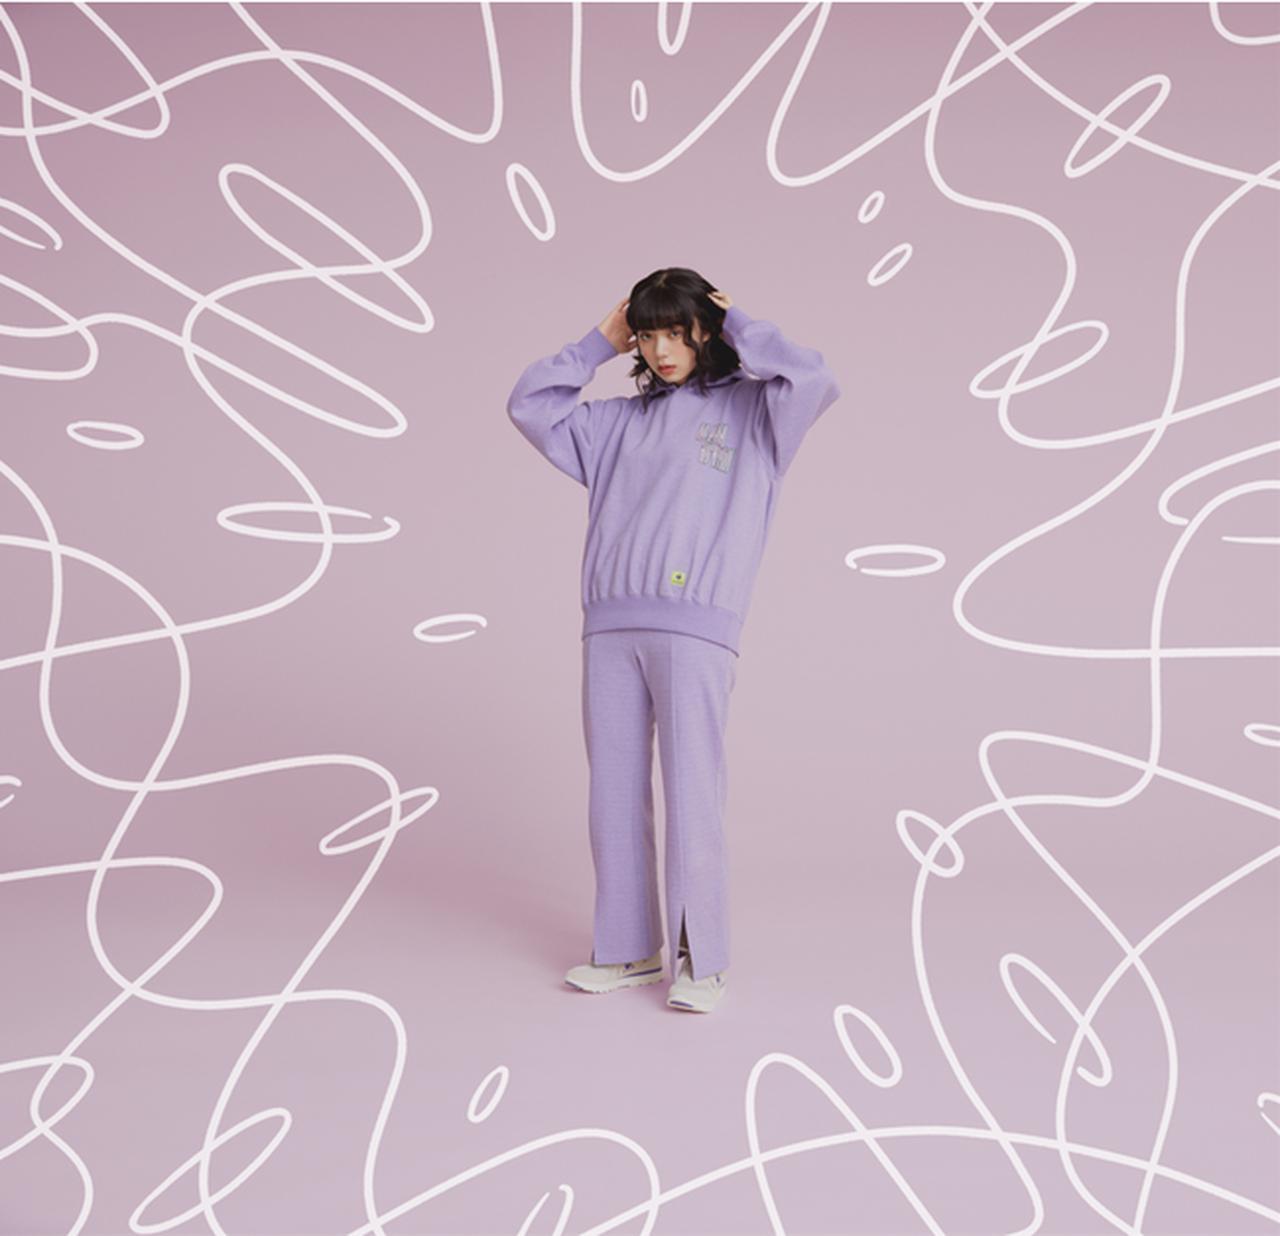 画像3: 池田エライザさんとのコラボレート・コレクション「ELAIZA LCS」第3弾が新発売!